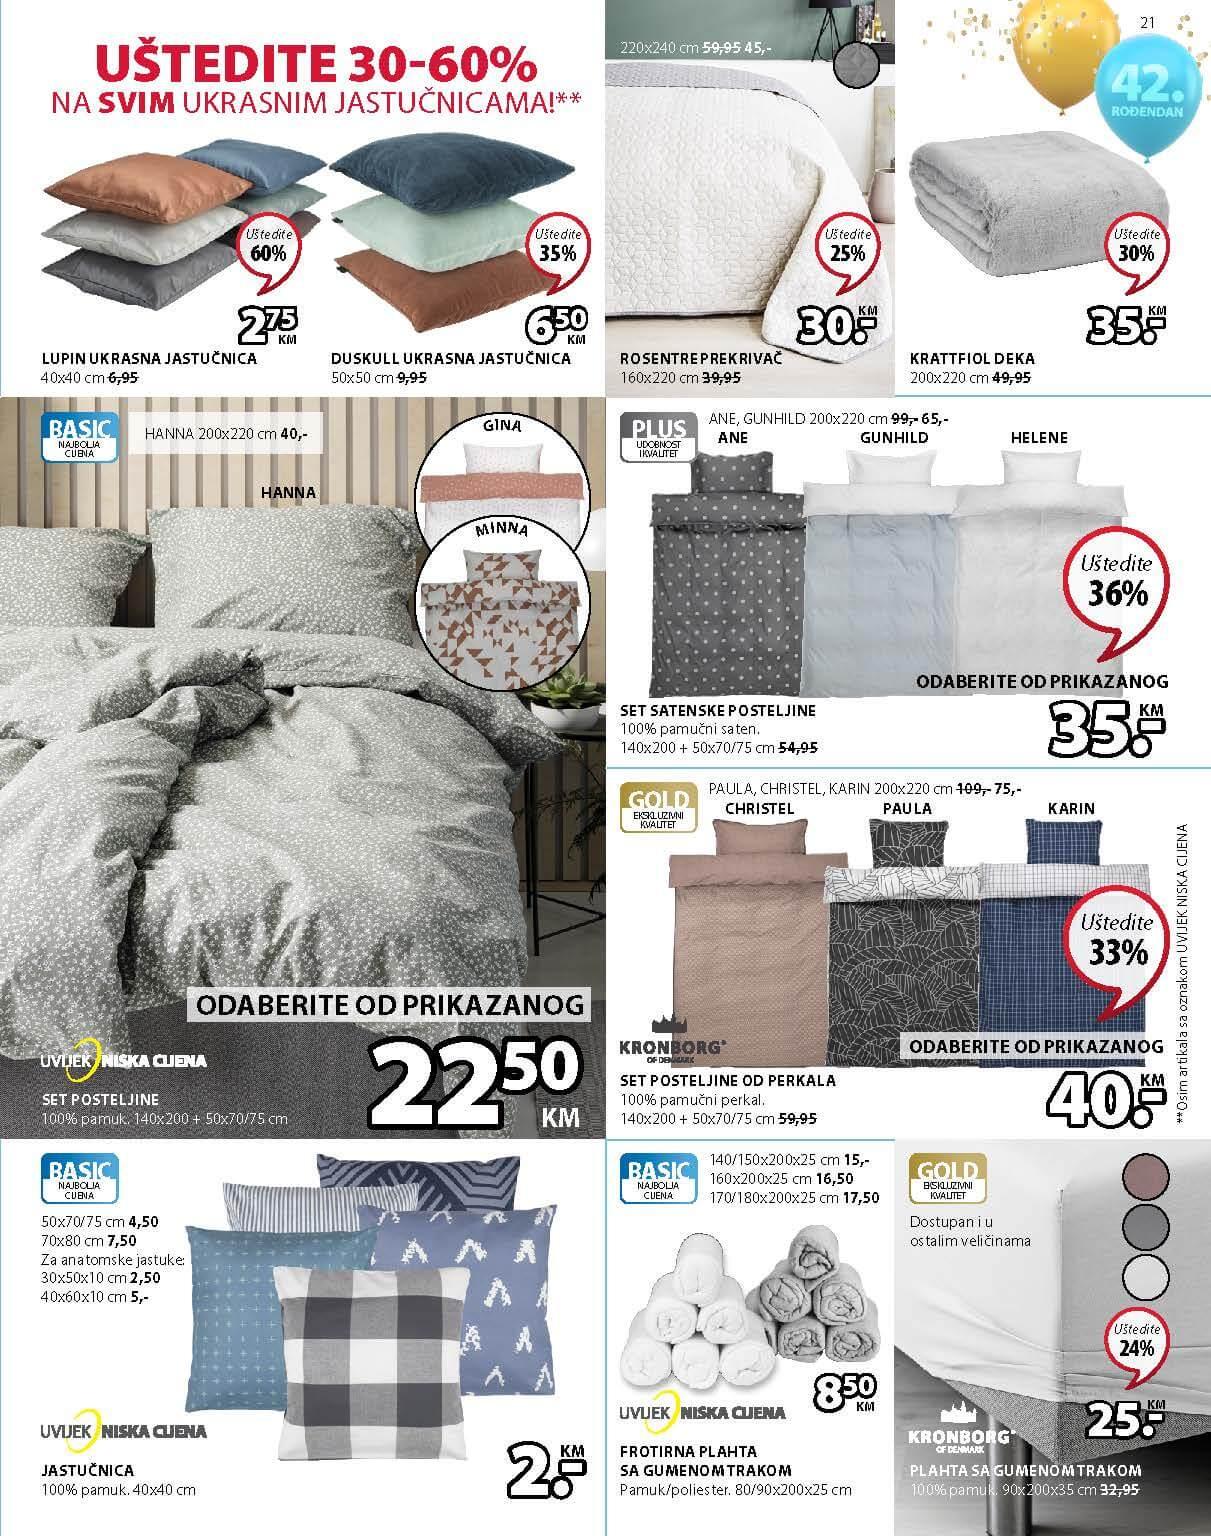 JYSK Katalog AKCIJA Super dani APRIL 2021 22.04.2021. 28.04.2021. Page 22